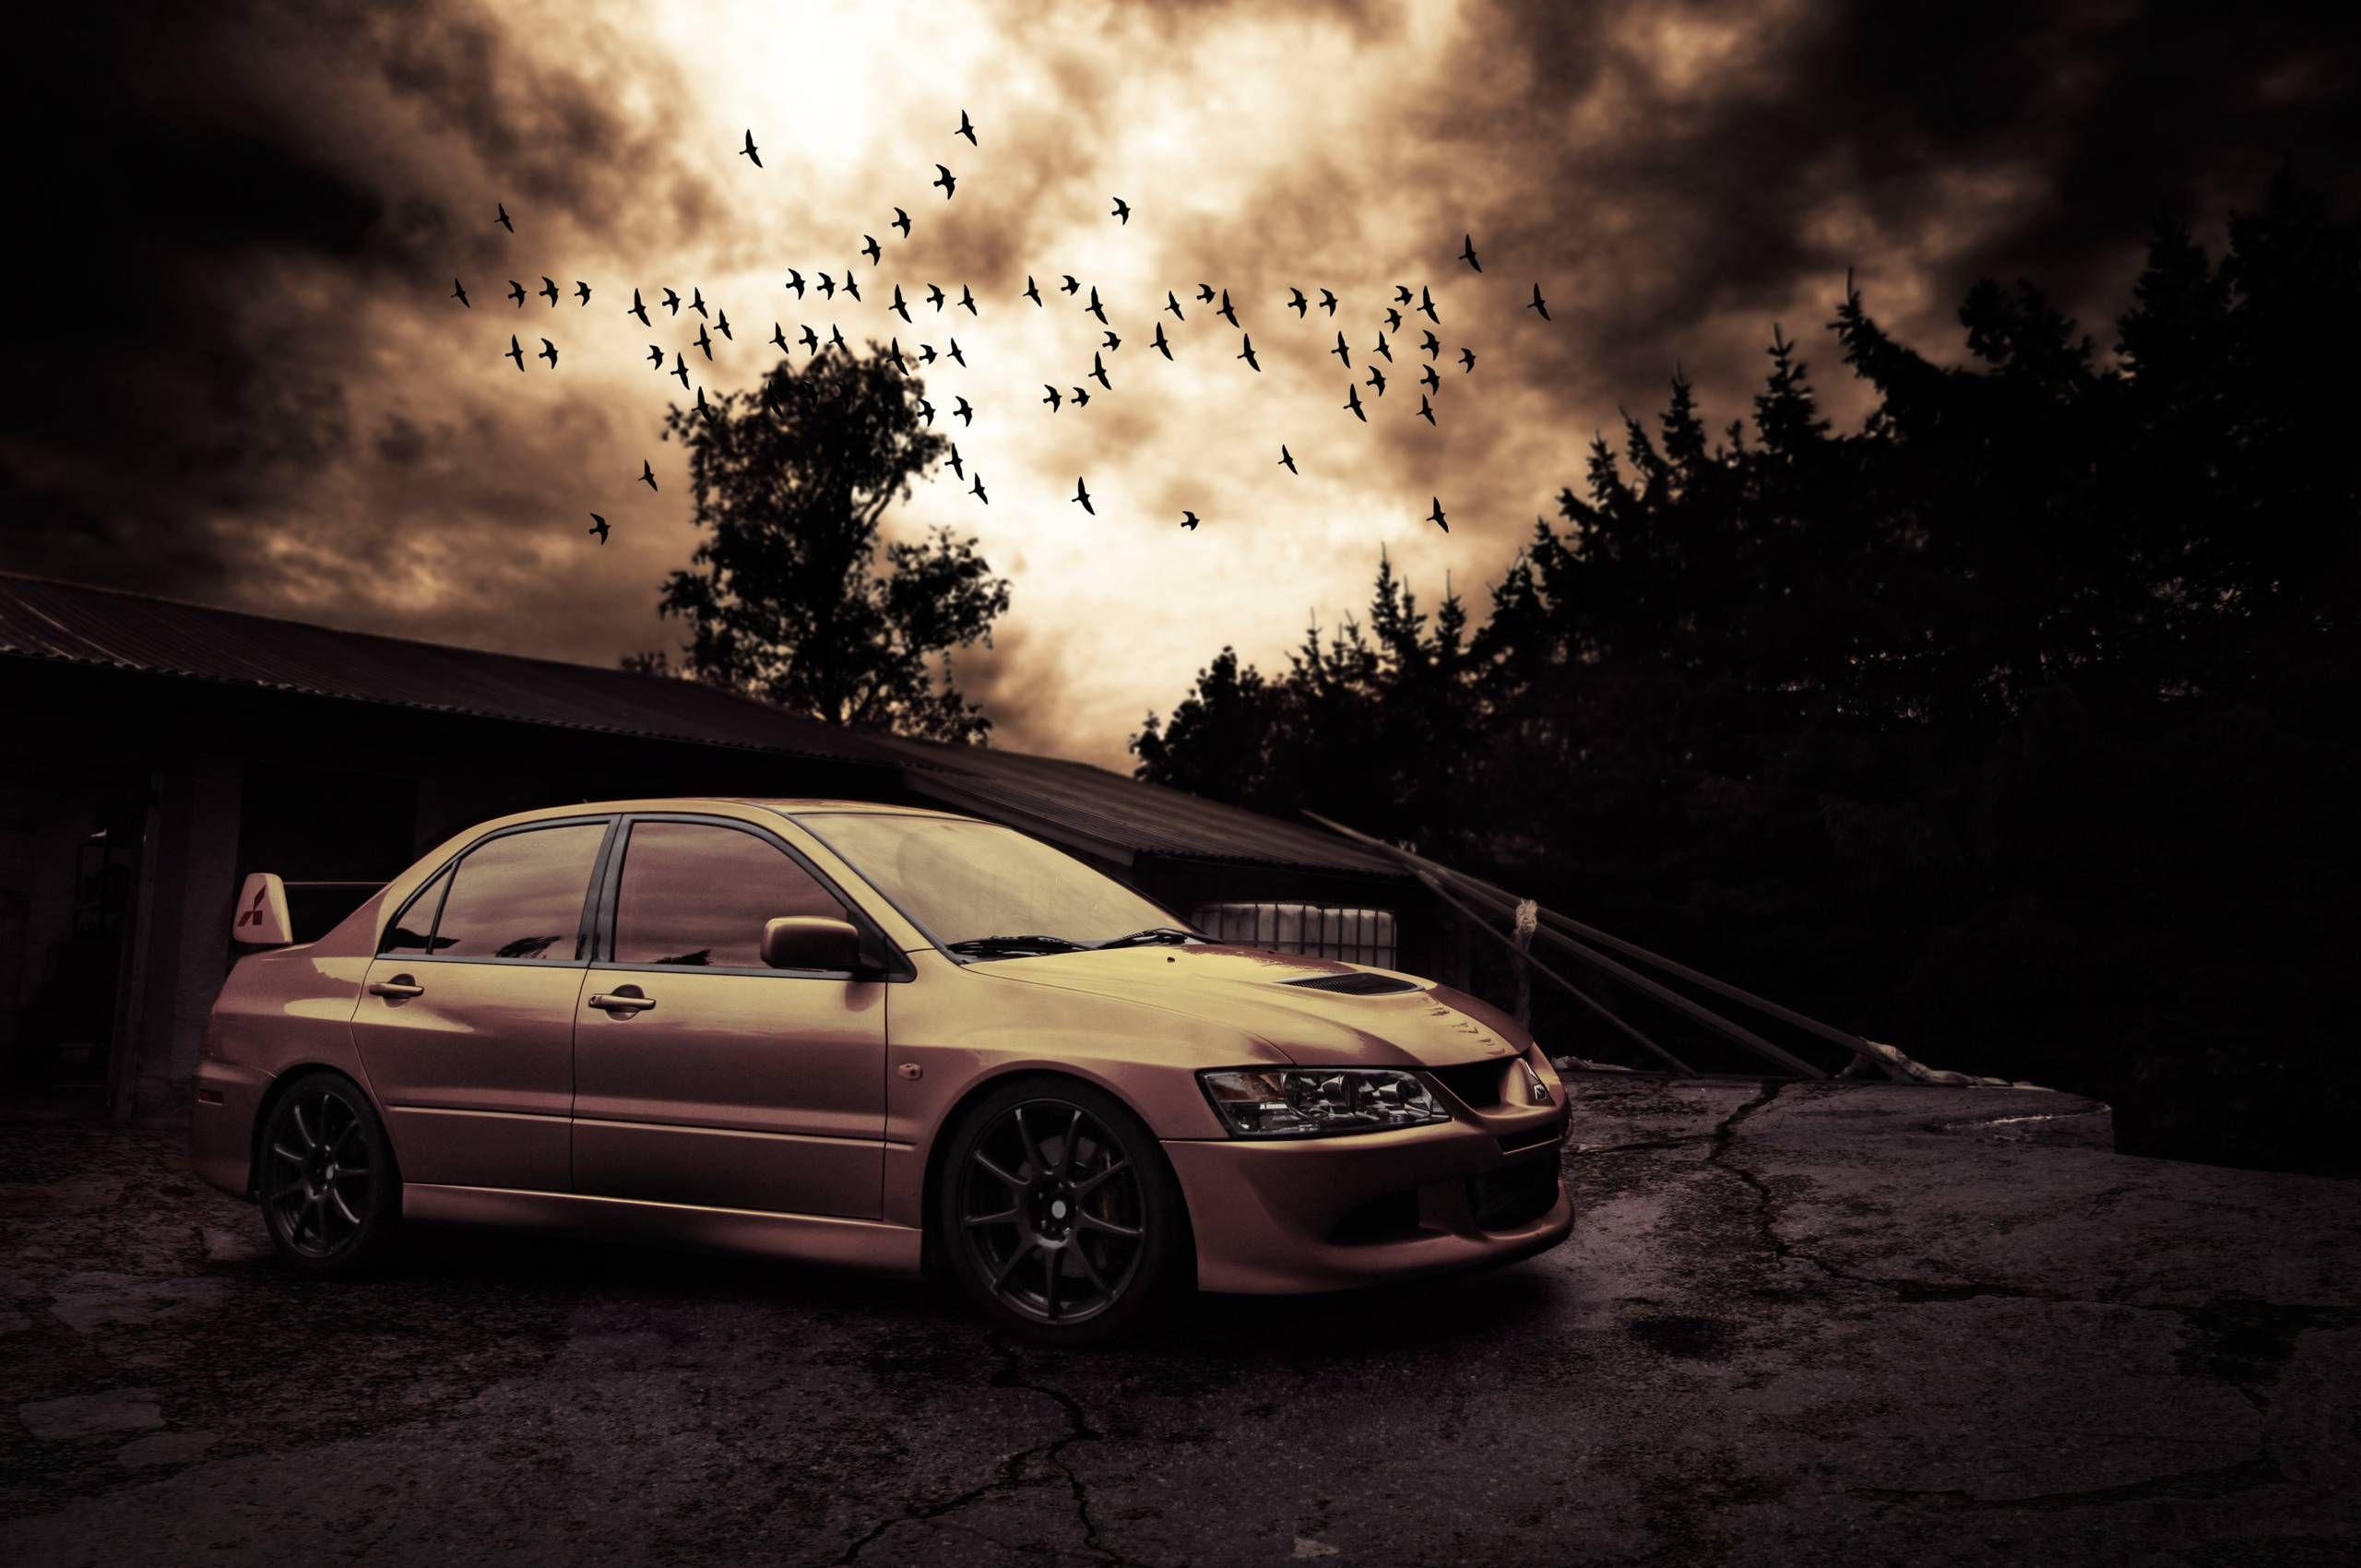 Delicieux Silver Mitsubishi Lancer Evolution VIII HD Wallpaper. | Lancer EVO